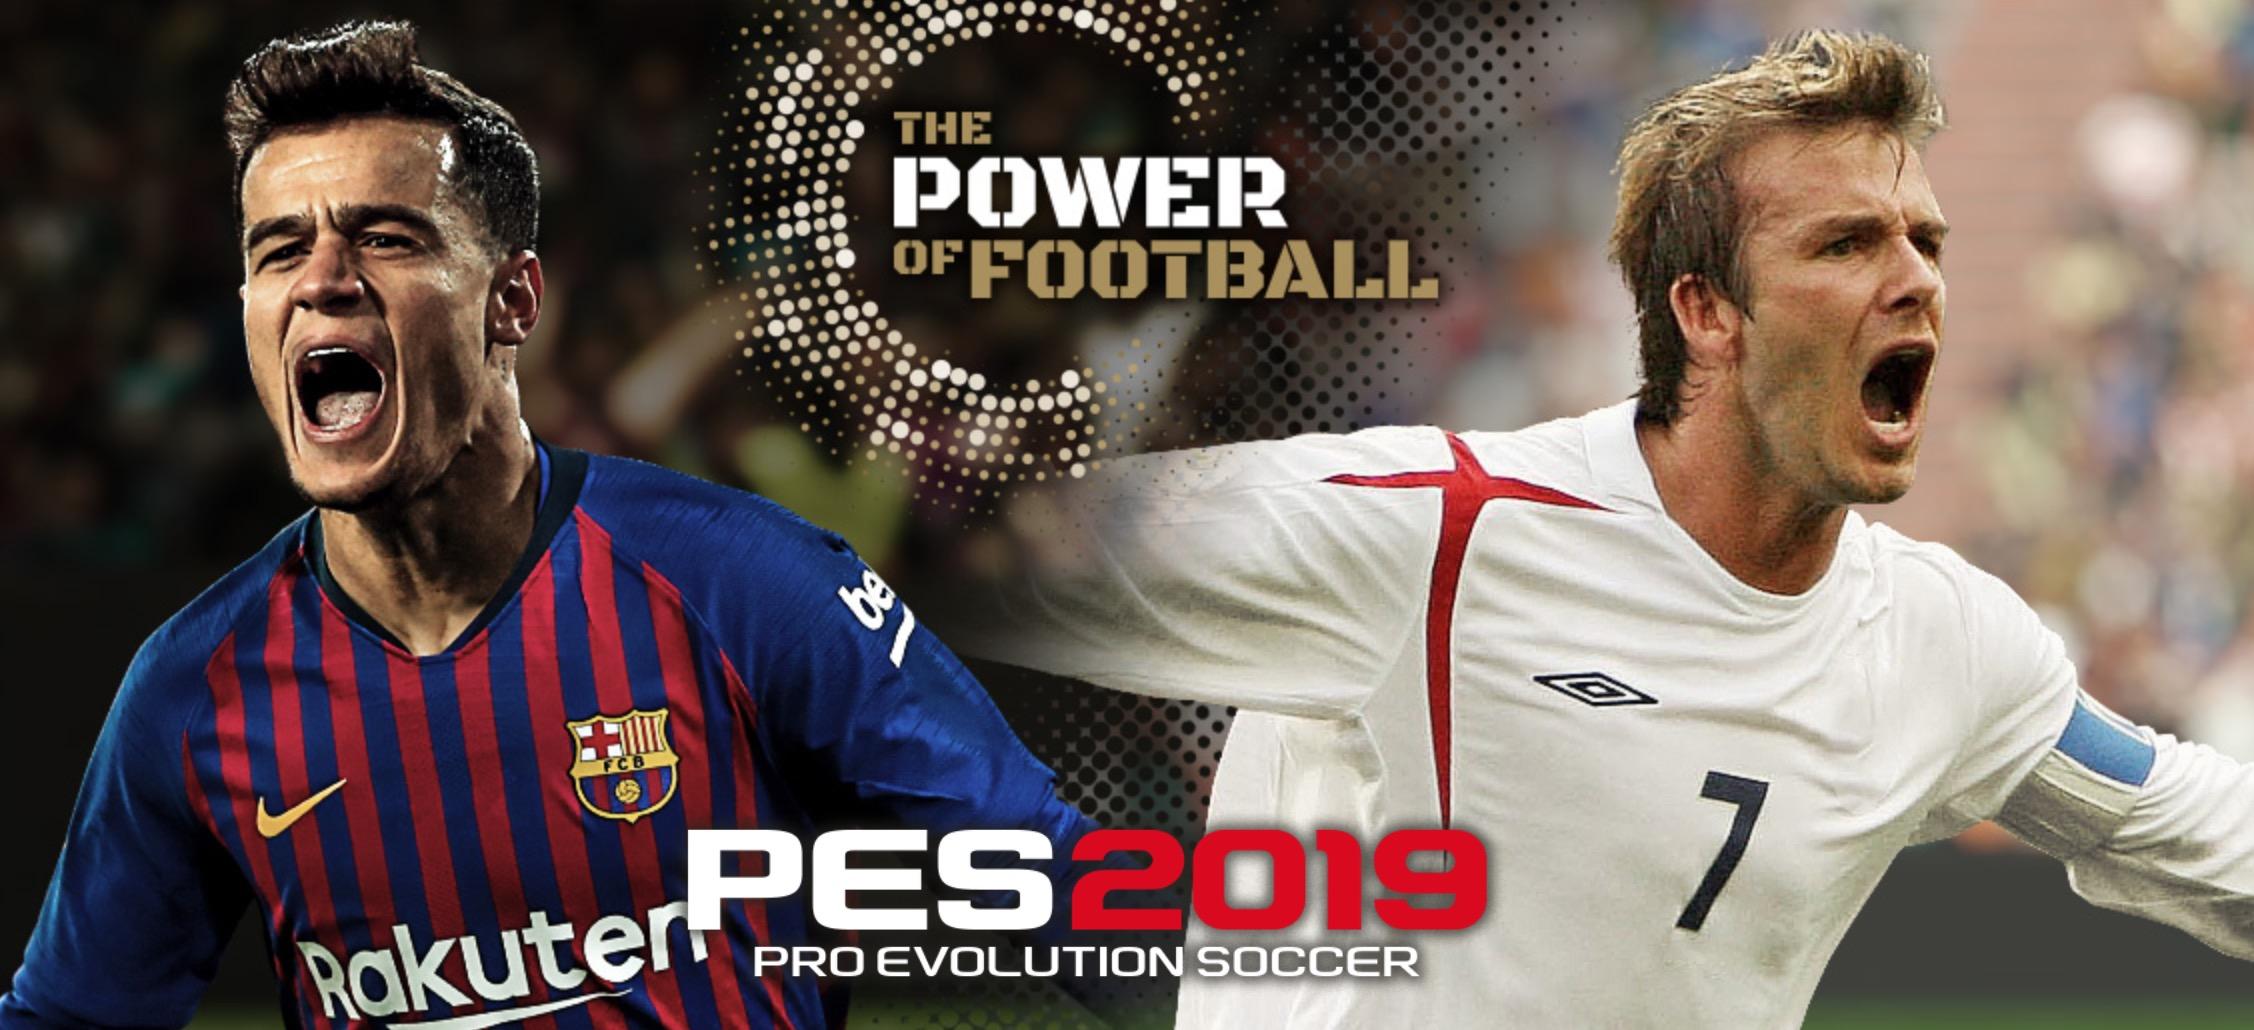 PES 2019, nuovo trailer: le novità del gameplay all'E3 2018